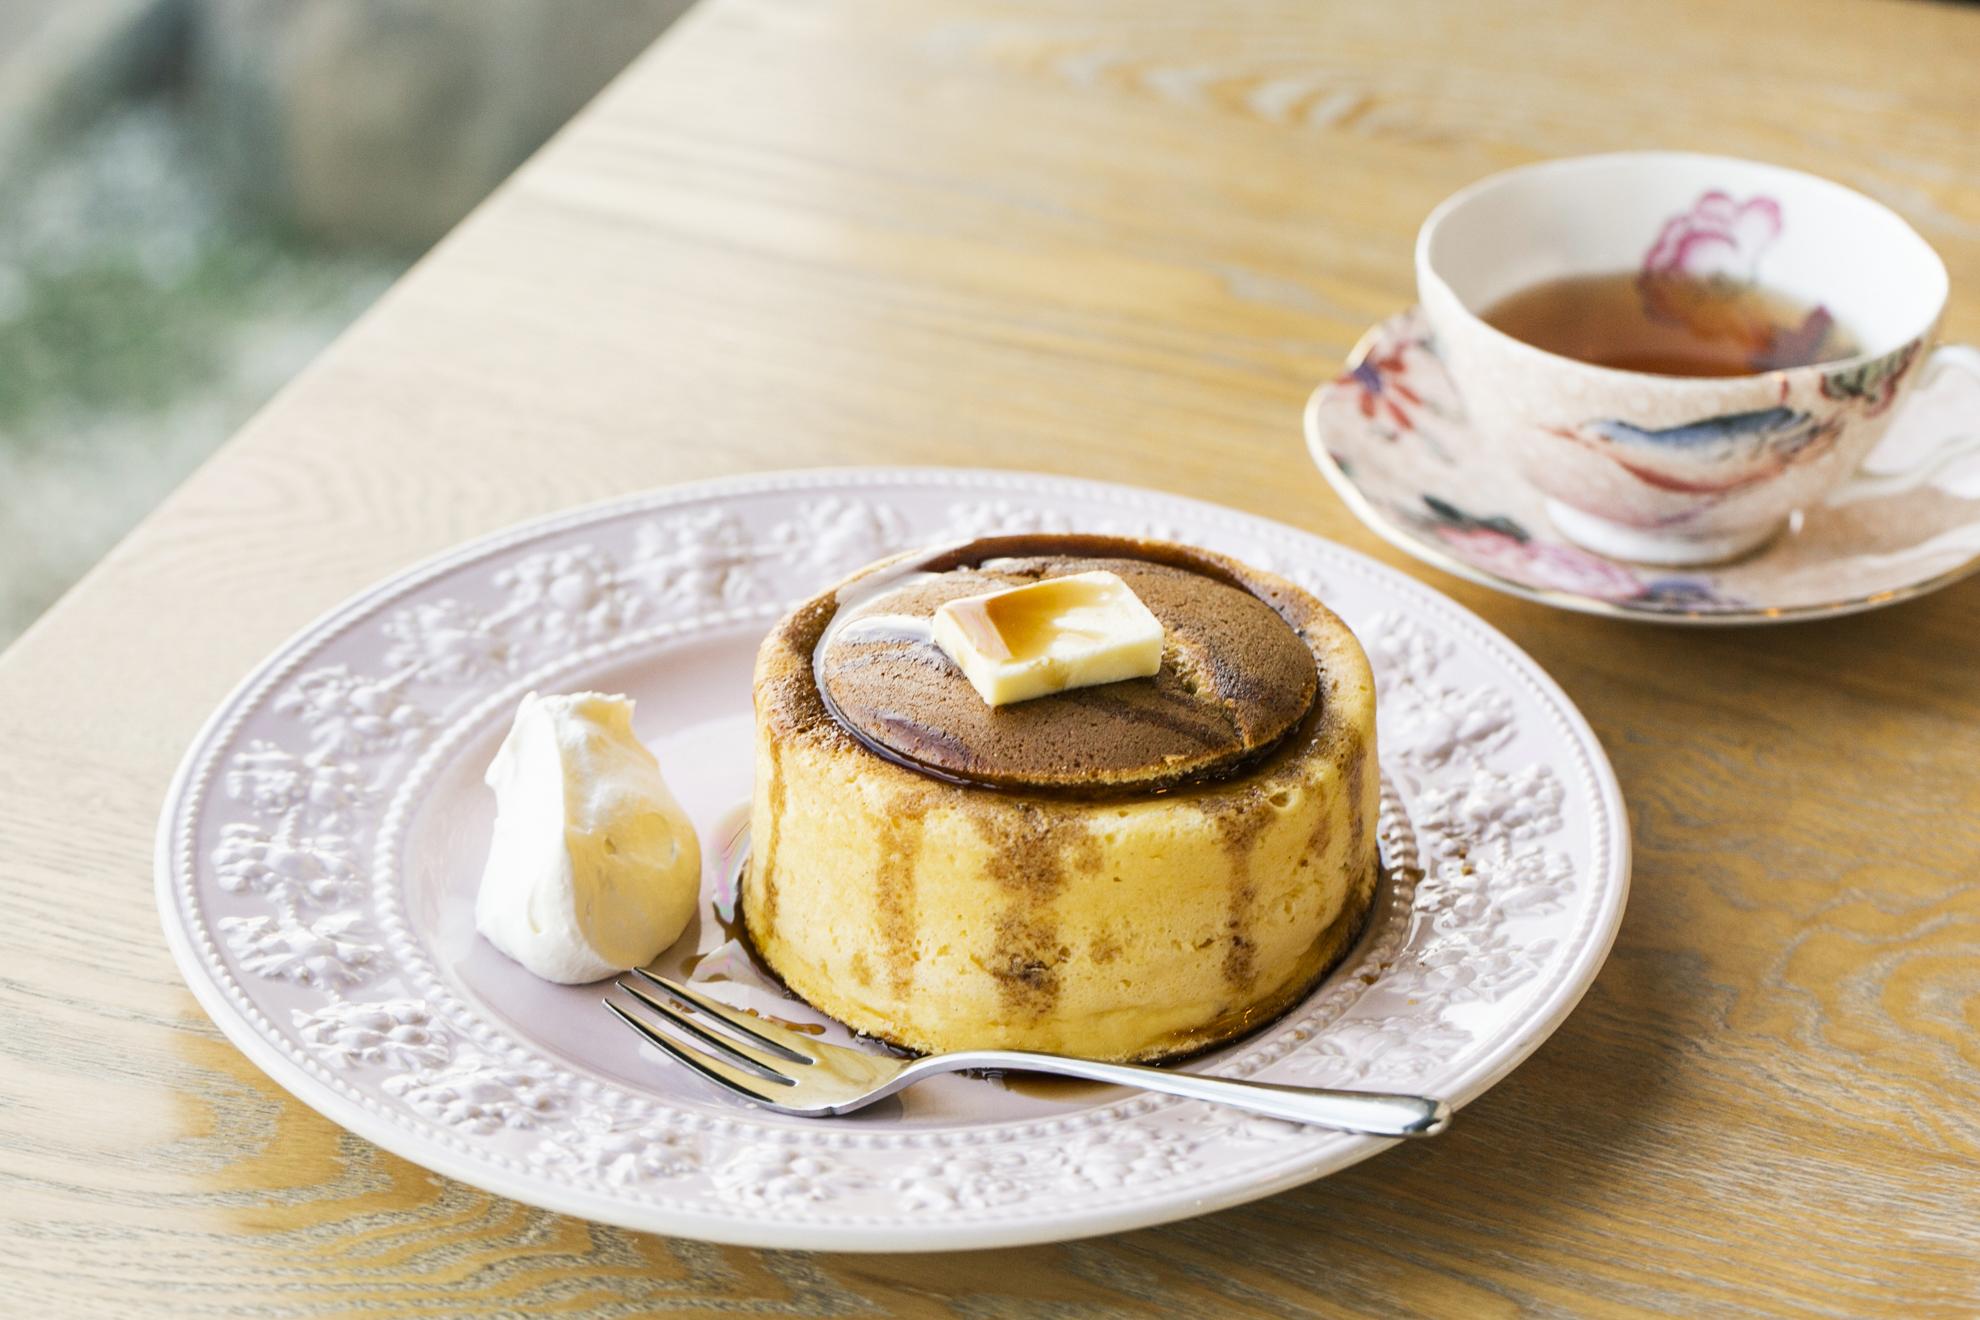 アップルシナモンティーで作ったシロップをかけたホットケーキ1,000円(紅茶はおかわり自由)